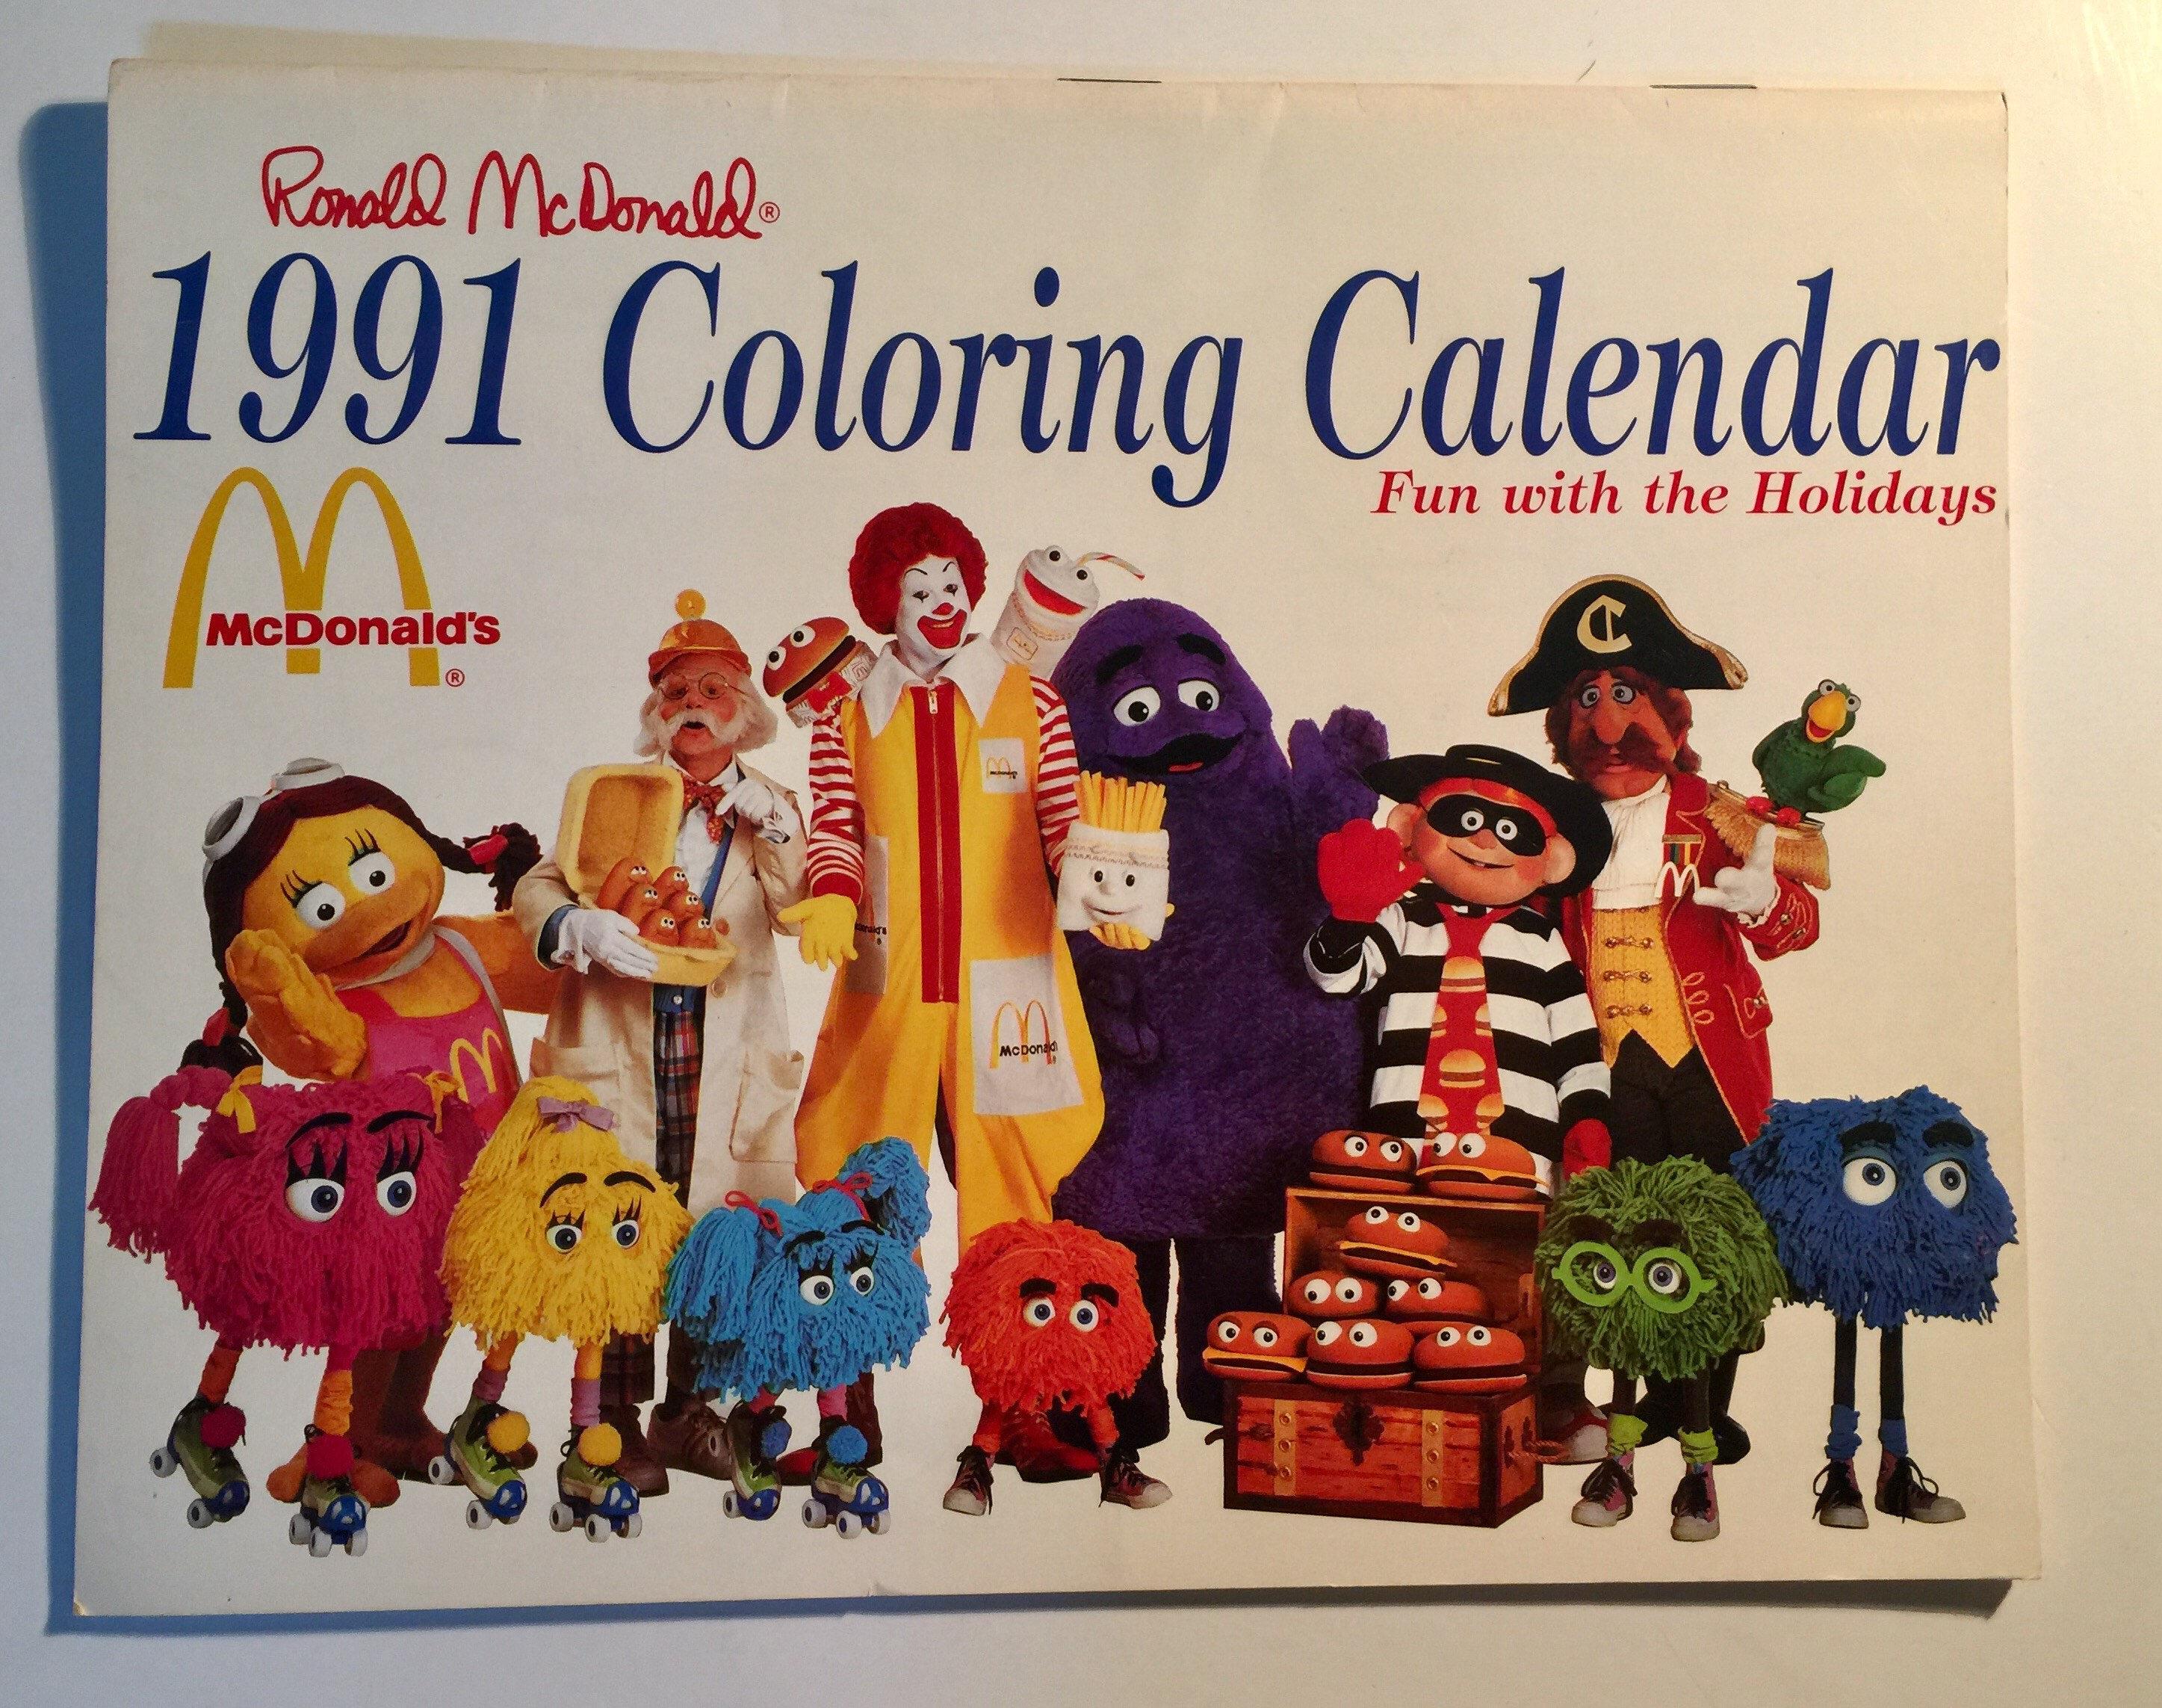 Ronald McDonald juguete de la comida rápida McDonalds Happy